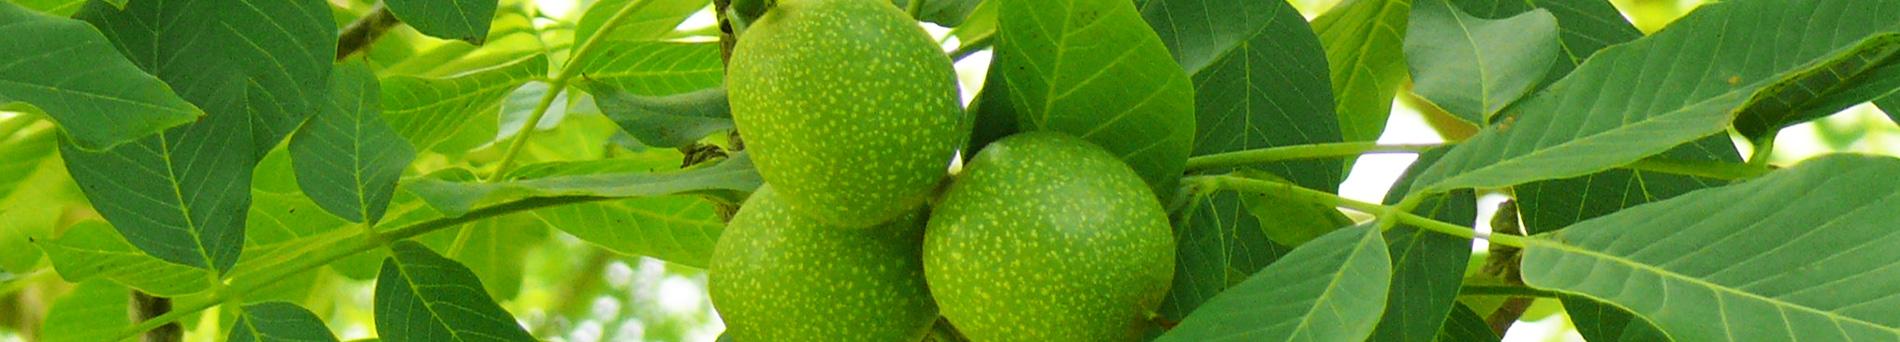 Produzione e vendita al dettaglio e all'ingrosso delle noci Lara - Production and sale of walnuts